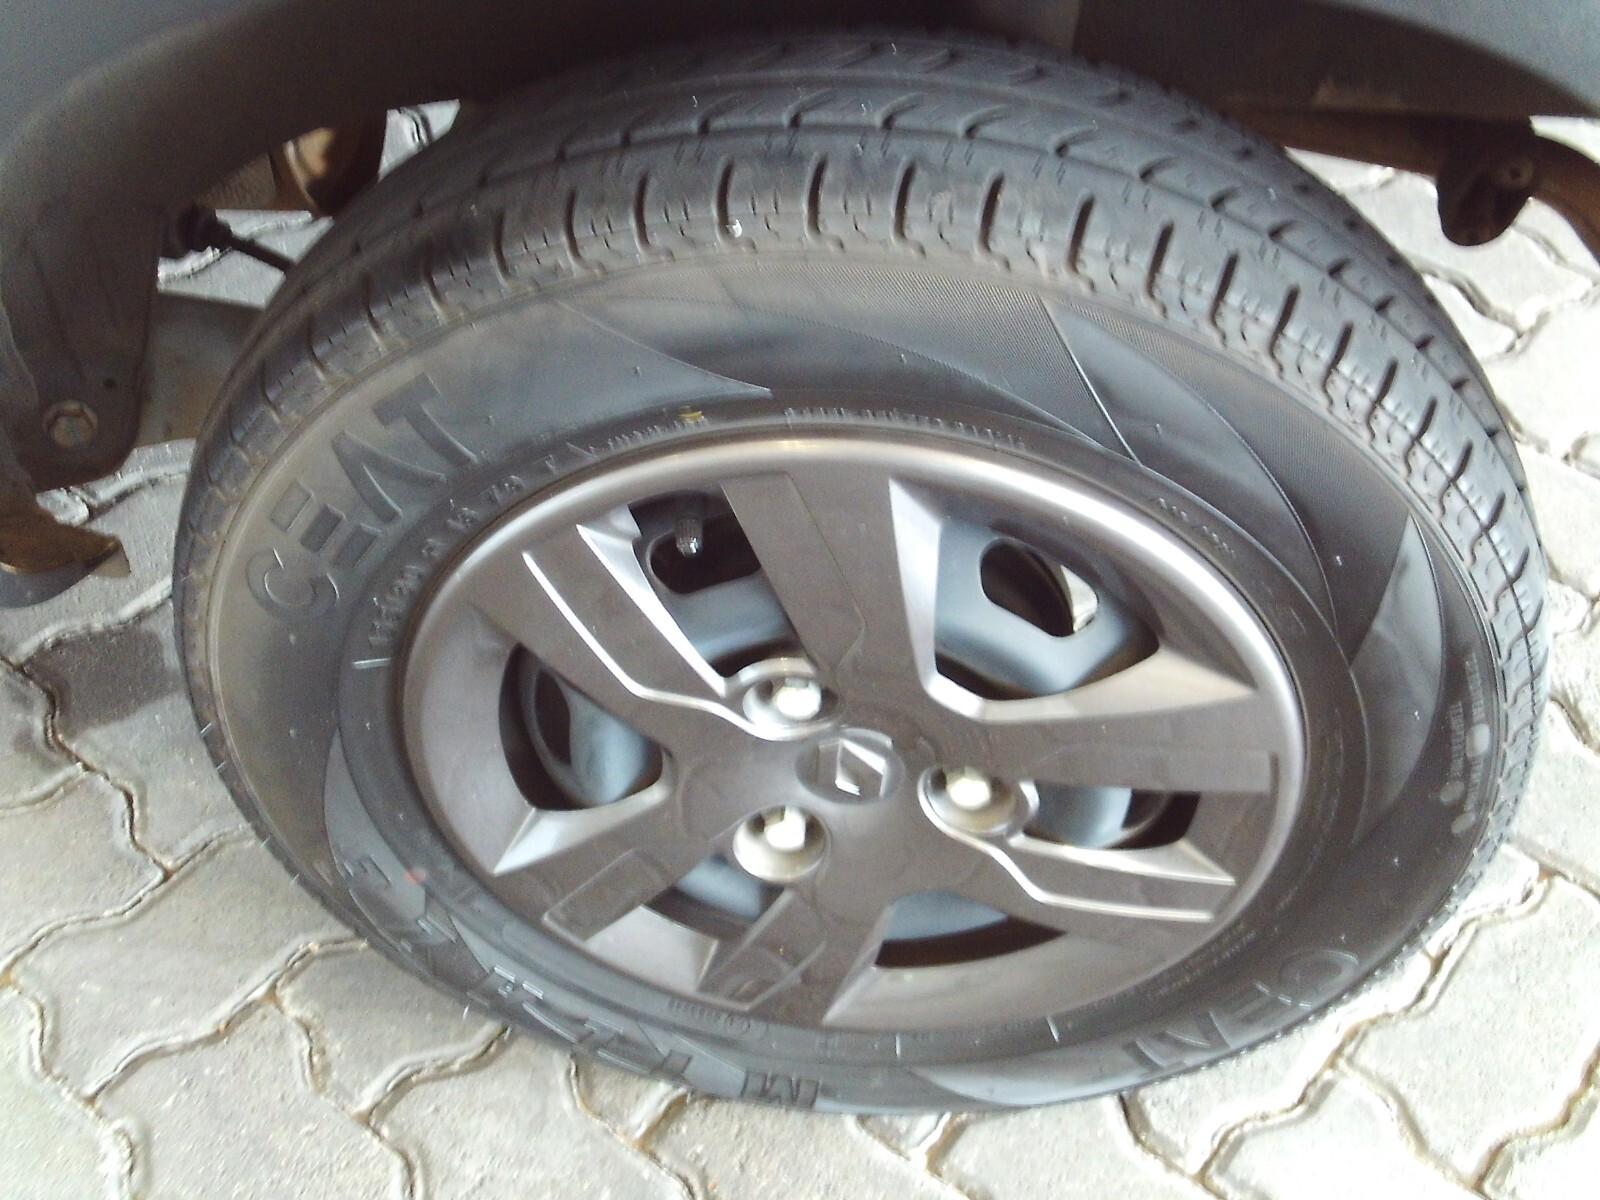 RENAULT 1.0 DYNAMIQUE 5DR Pretoria 18326814